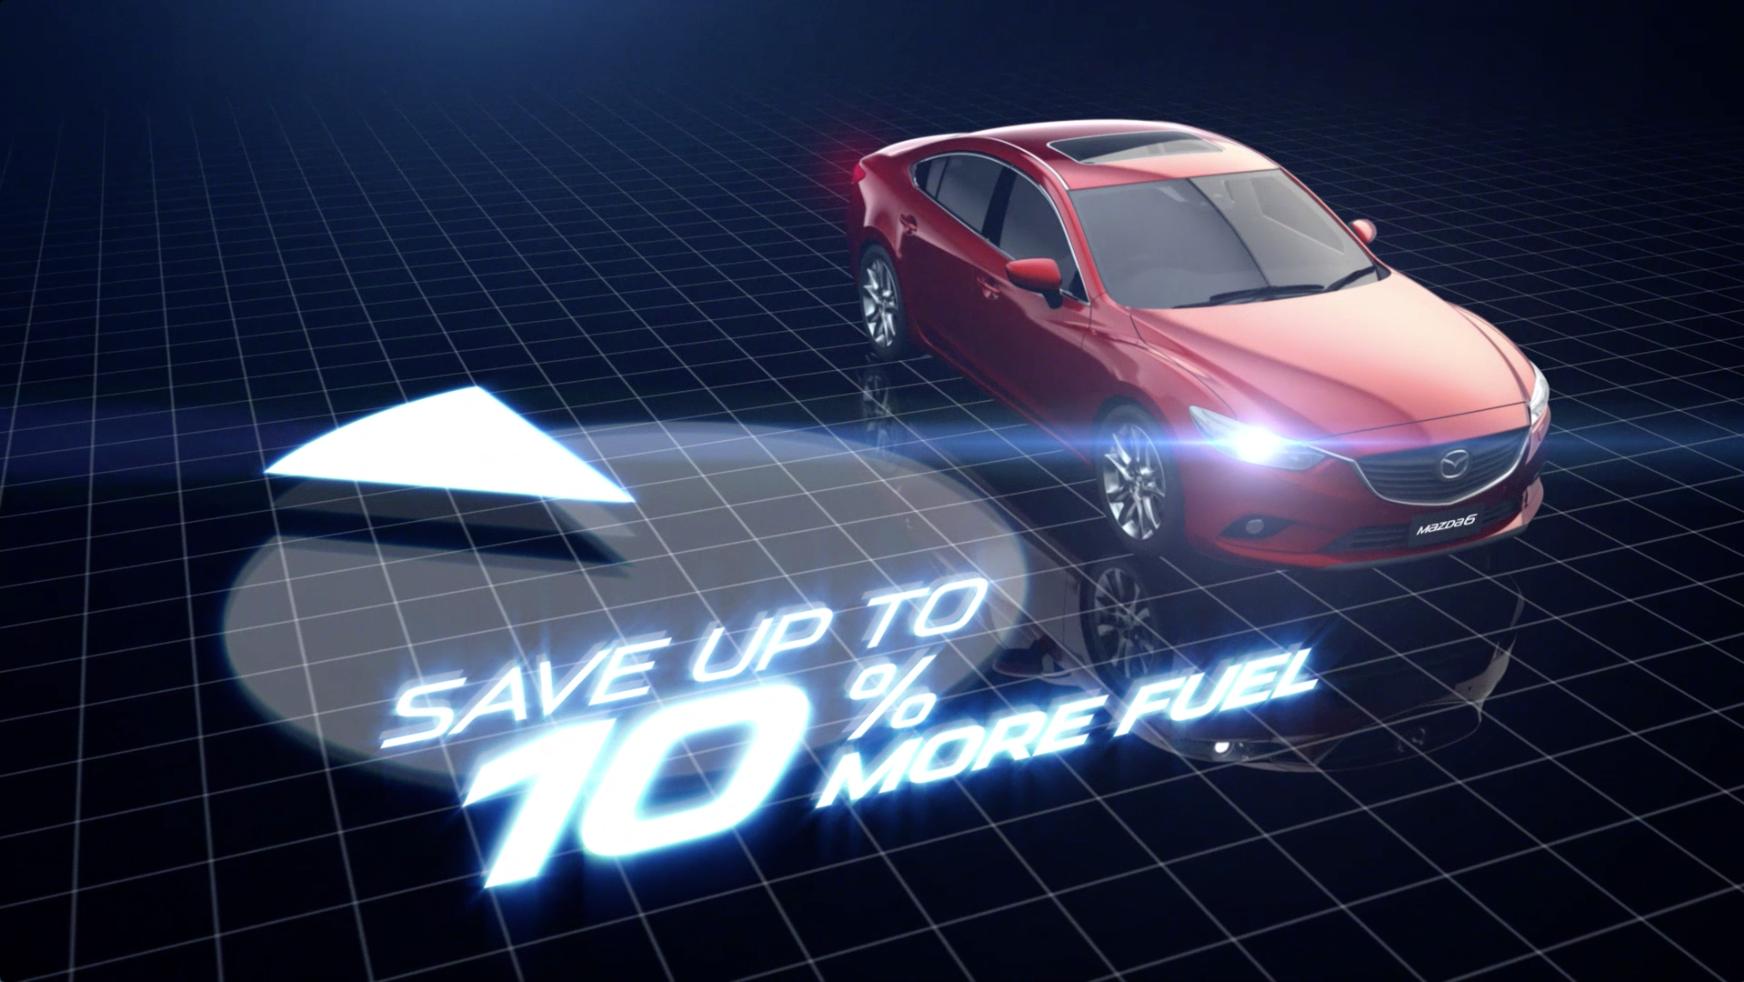 Mazda 6 Fuel Saving